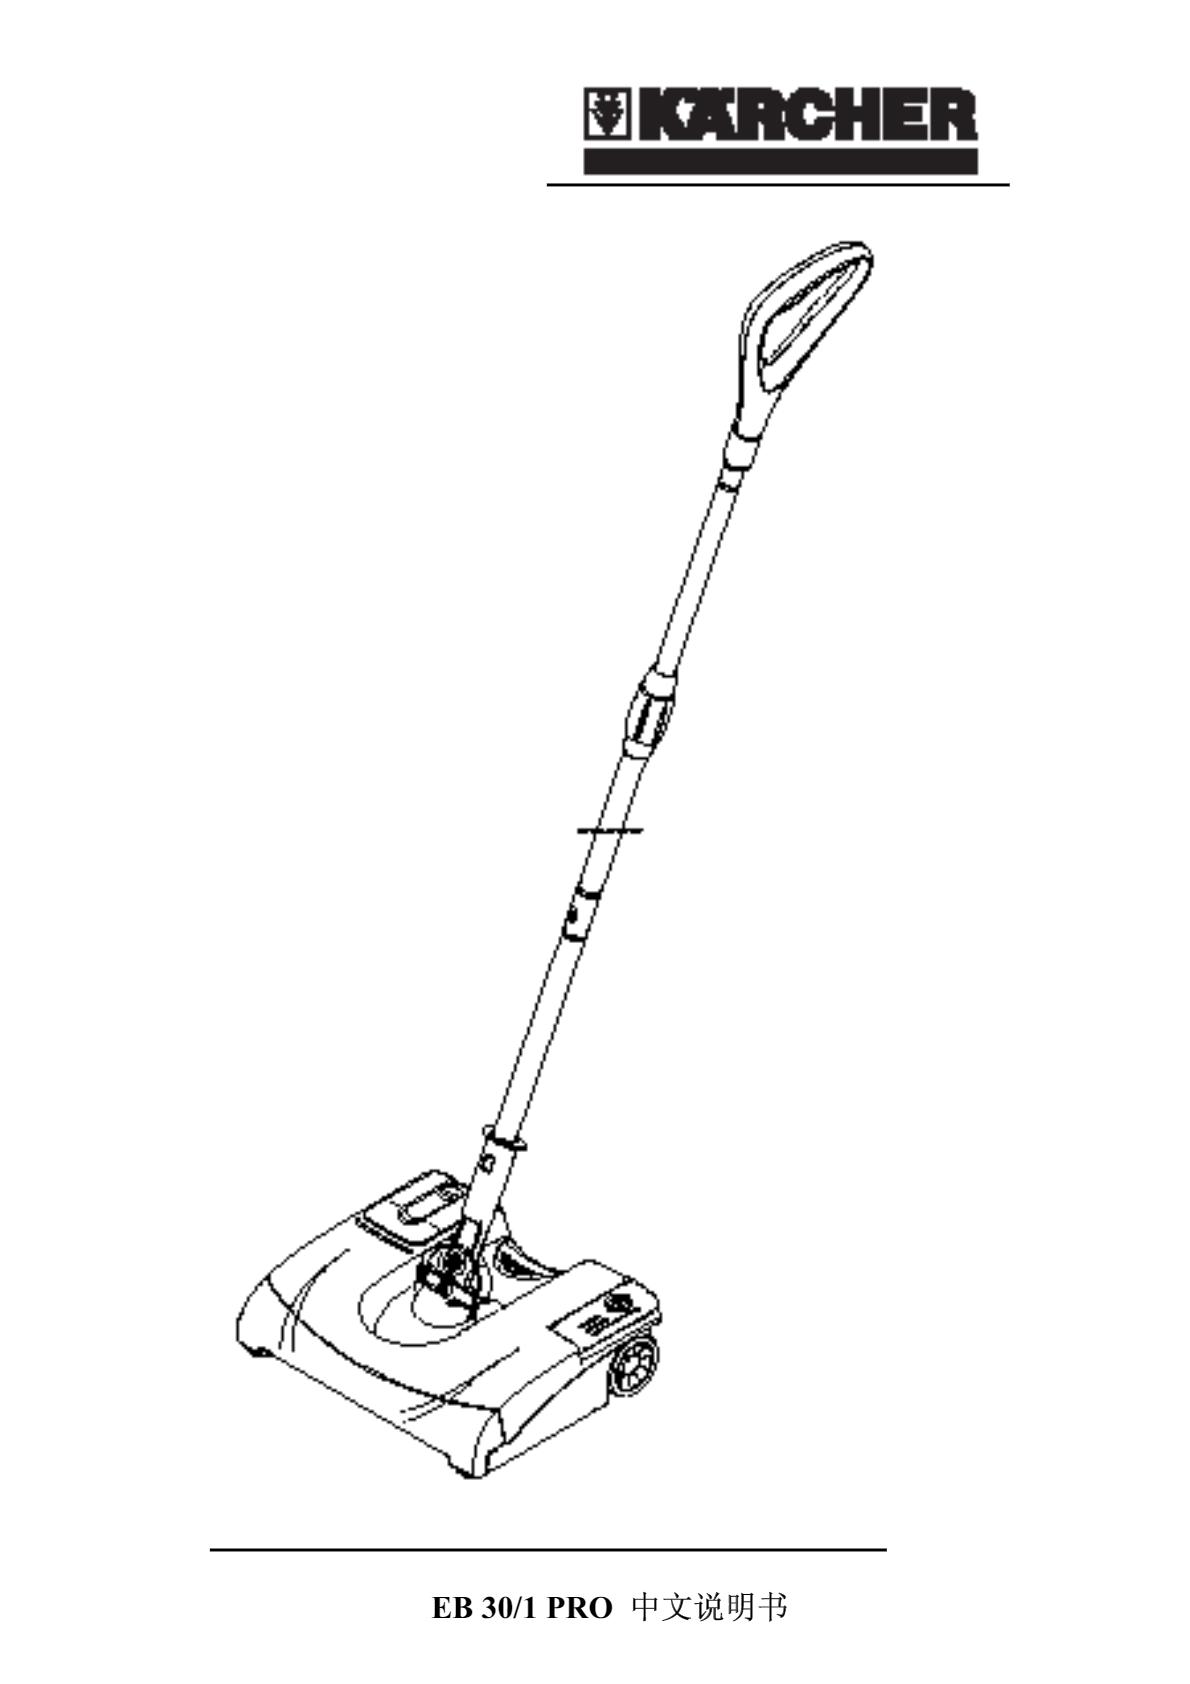 电扫帚 EB 30/1 Li-Ion 说明书说明书下载